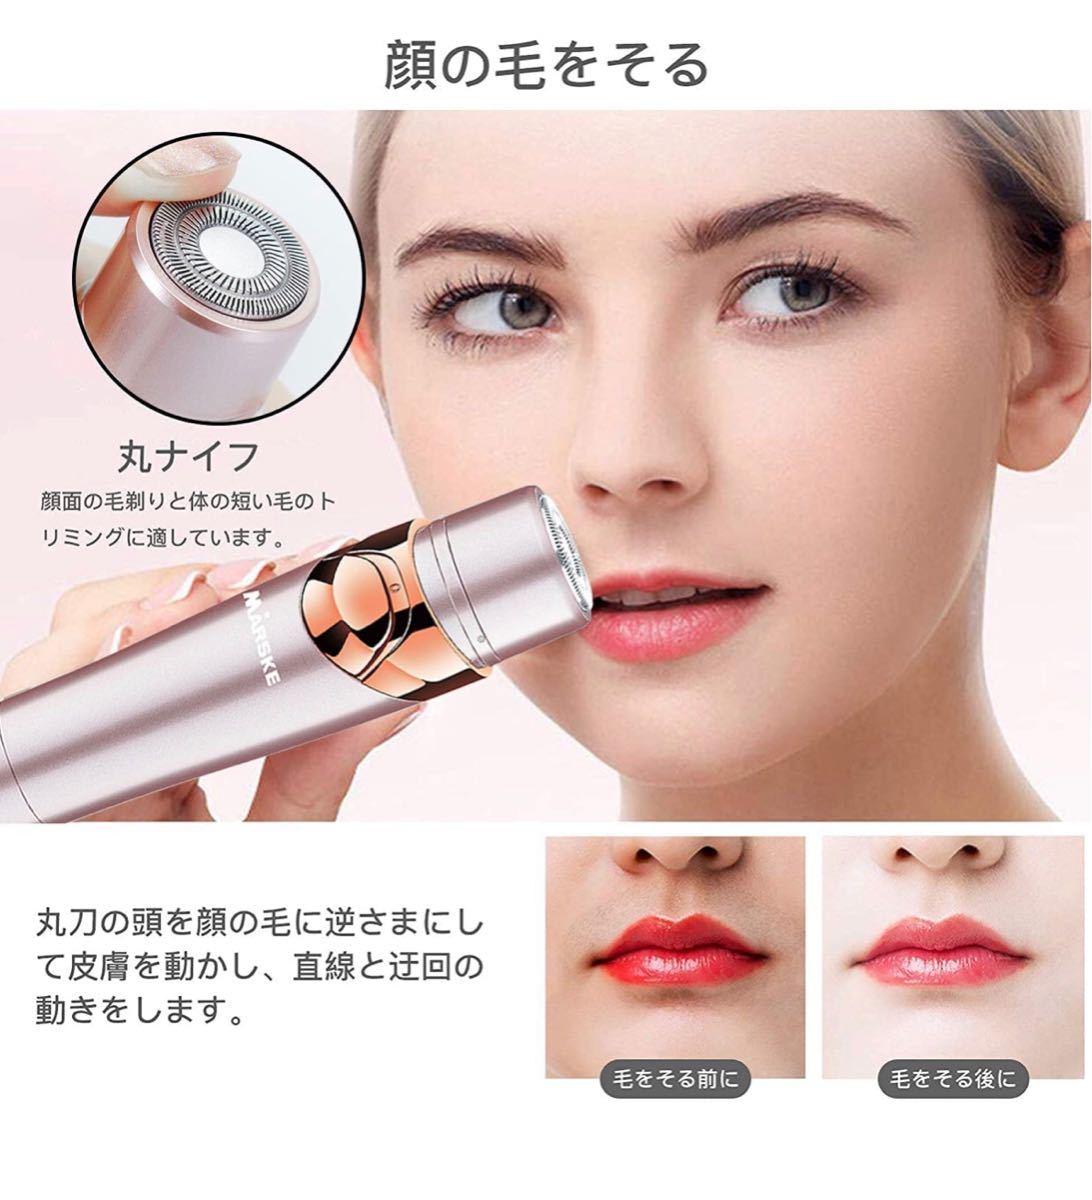 ディースシェーバー 女性用 シェーバー VIO専用シェーバー 1台4役 多機能 電動シェーバー USB充電式 全身適用(ピンク)